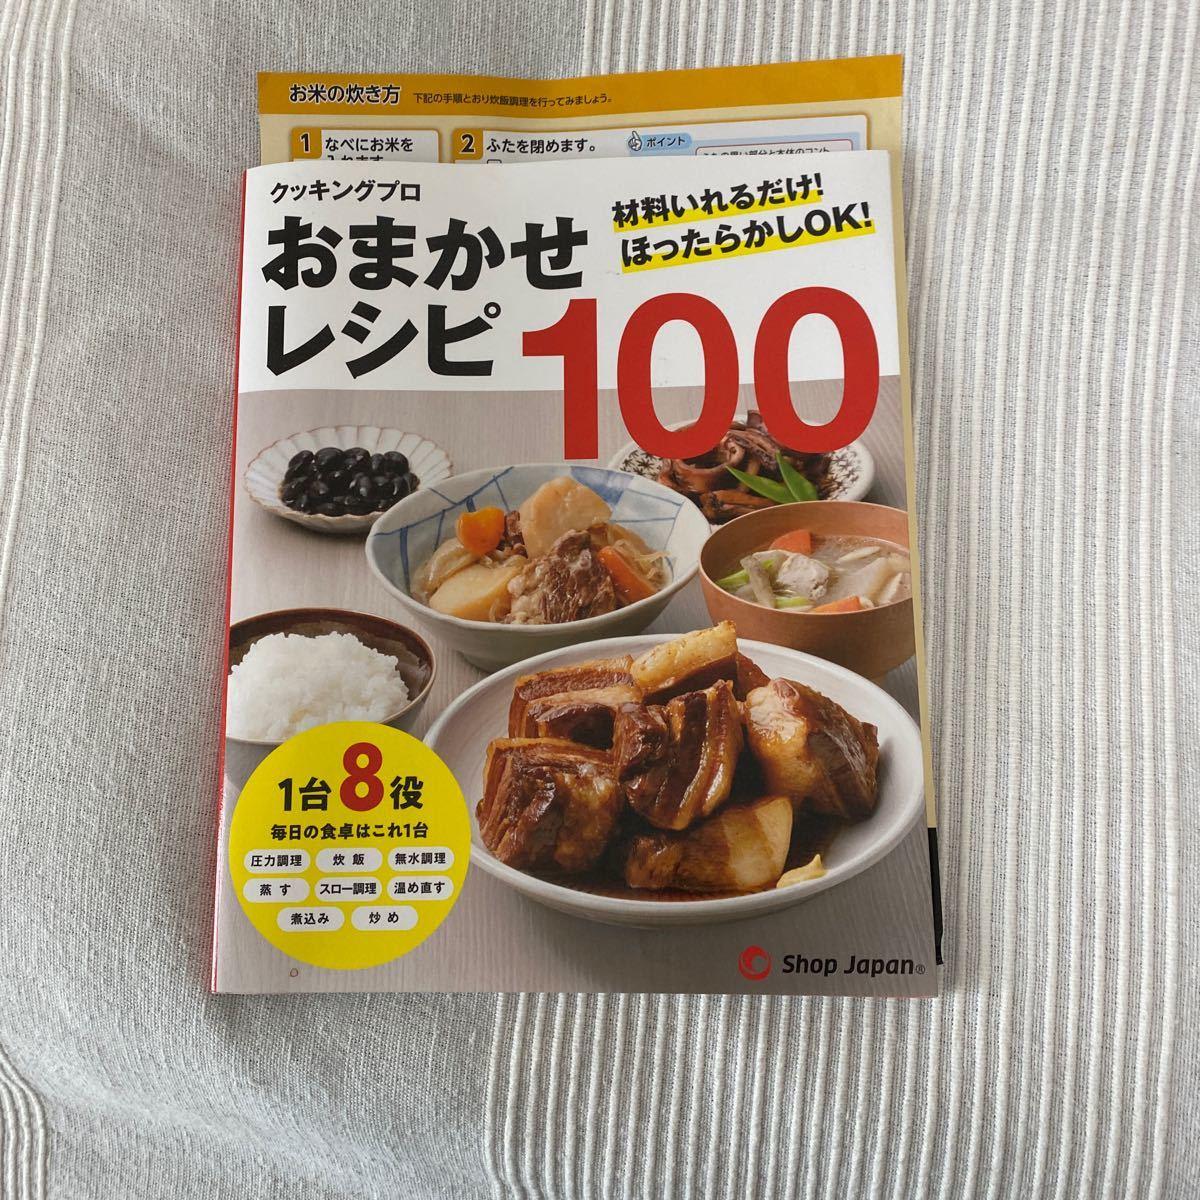 Shop japan クッキングプロ 電気圧力鍋 新品 未開封 レシピ本付き 未使用